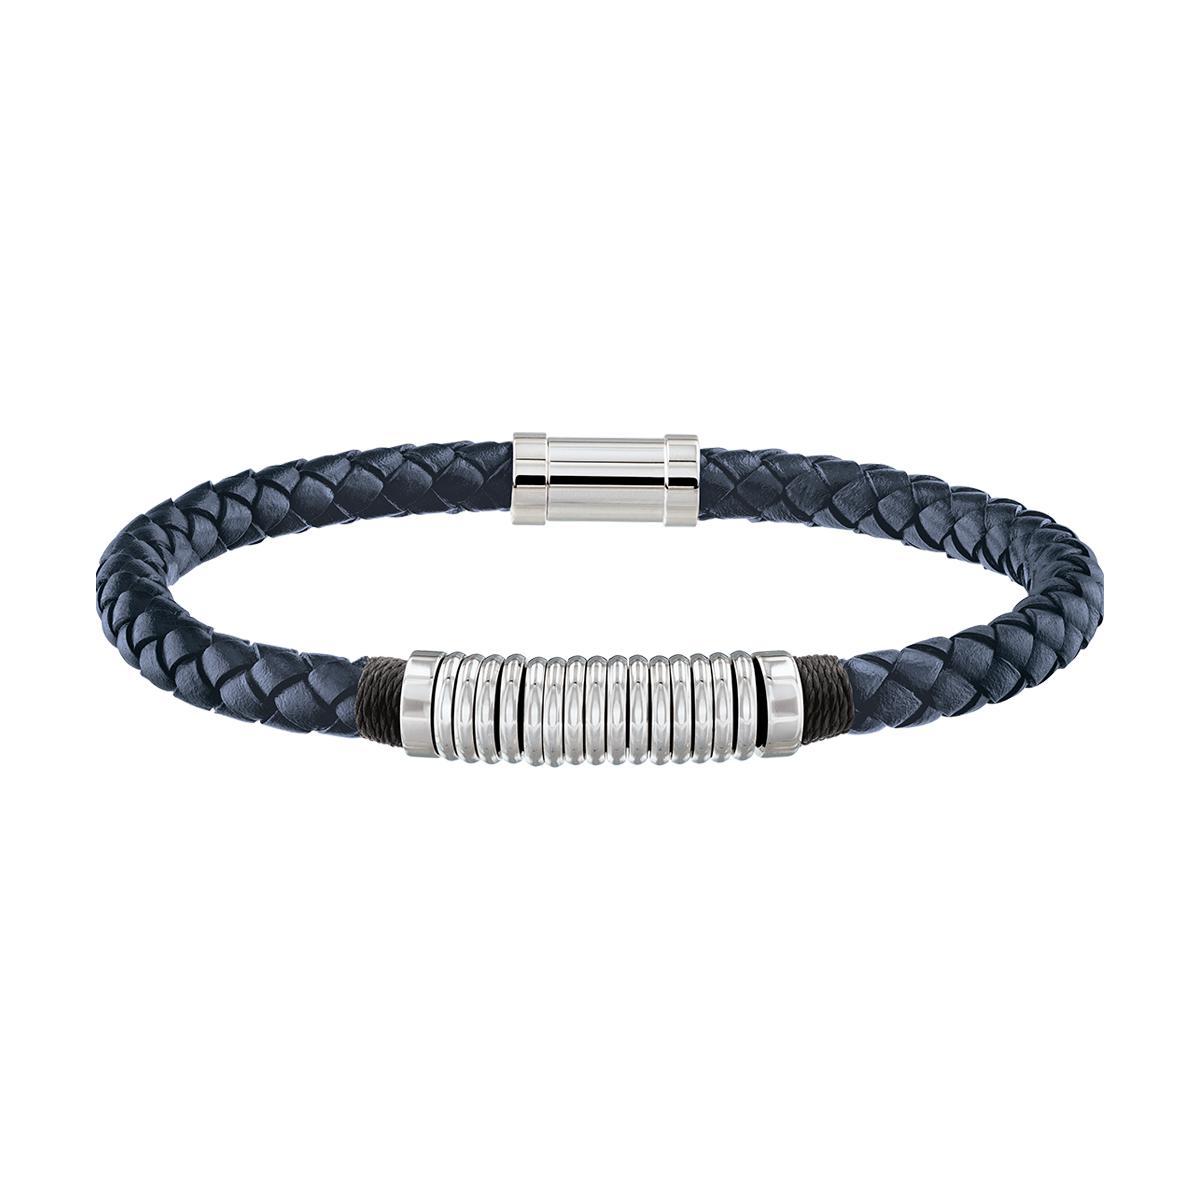 Promo : Bracelet Bijoux 2790155 - Tommy Hilfiger - Modalova